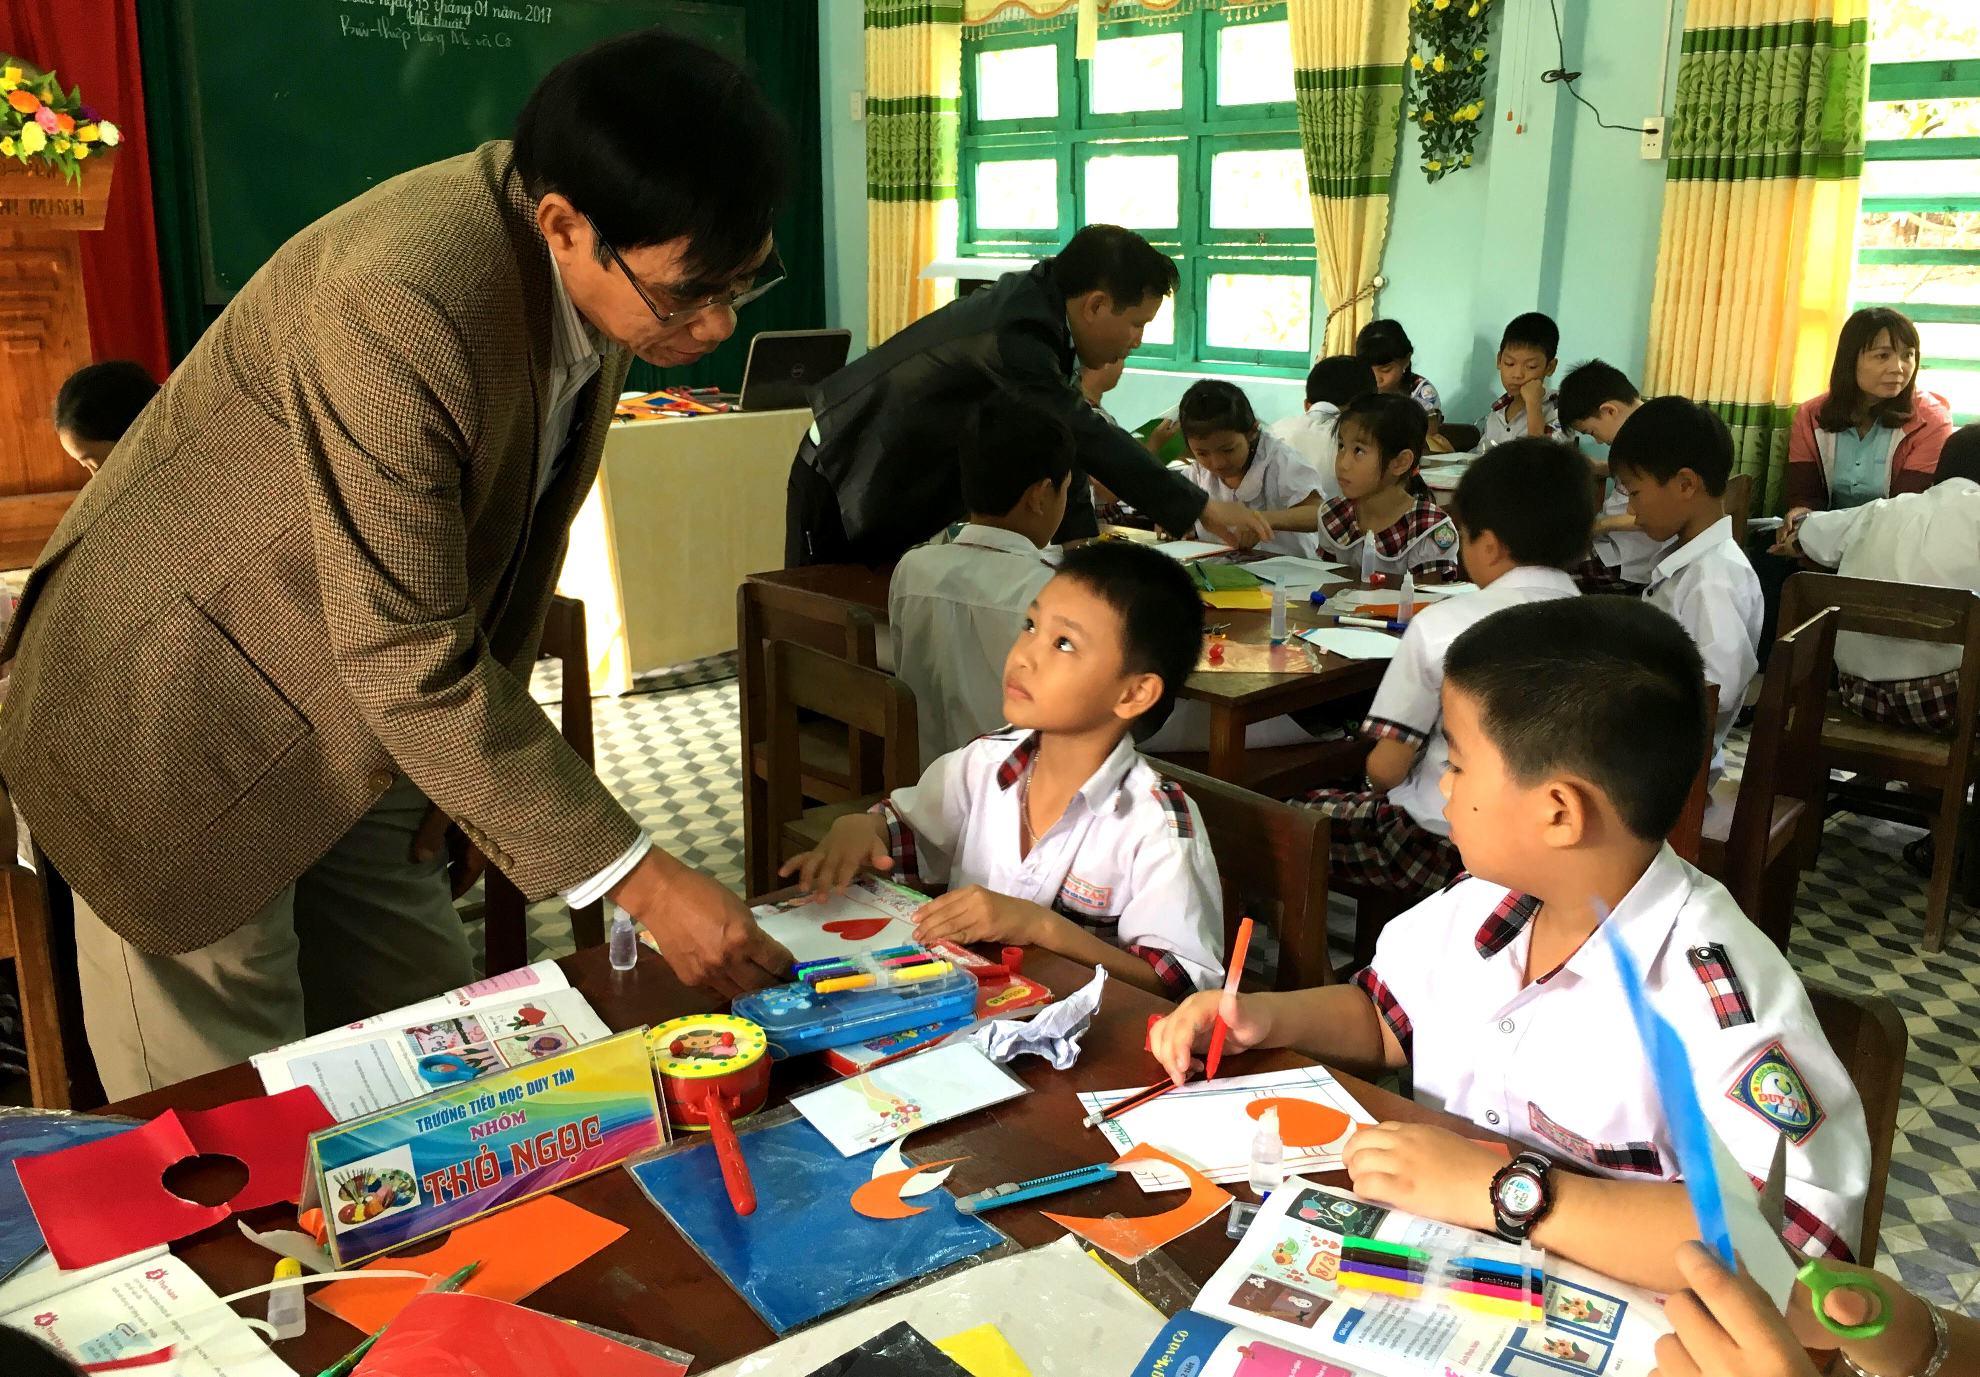 Học sinh sẽ là trung tâm trong phương pháp dạy học mới. Ảnh: PHAN VINH